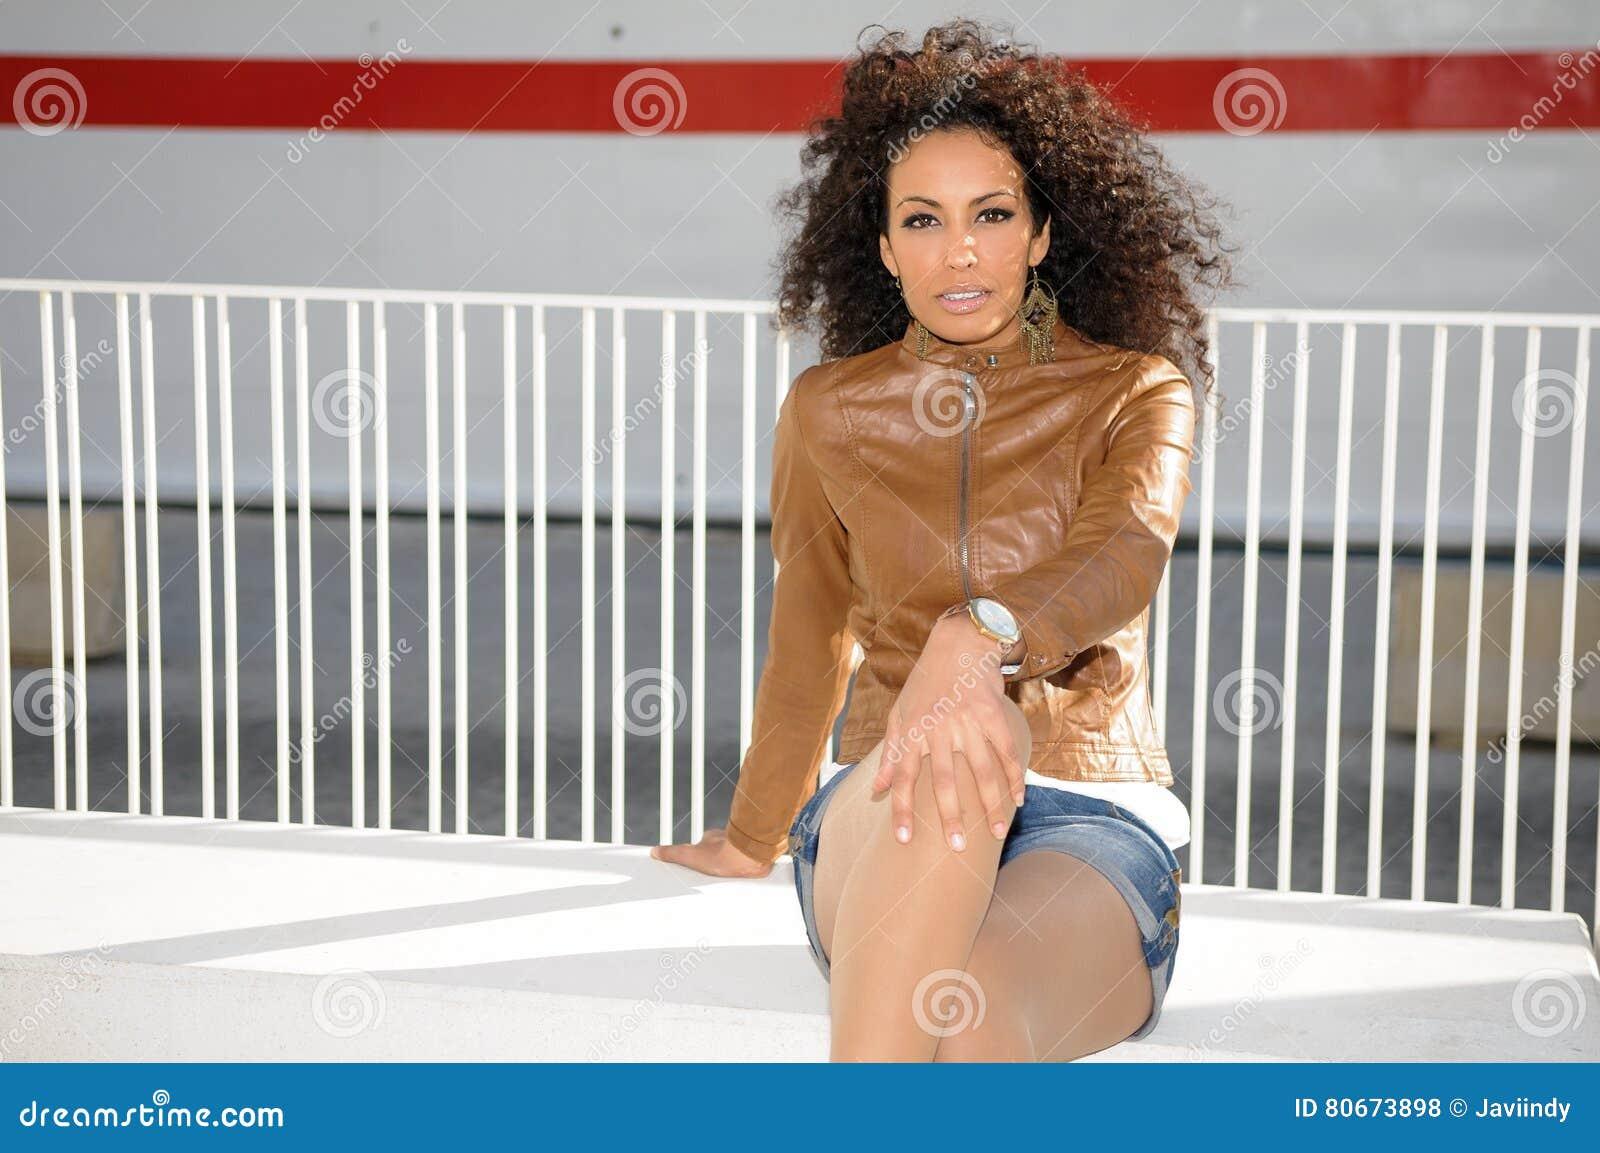 Junge schwarze Frau, Afrofrisur, im städtischen Hintergrund